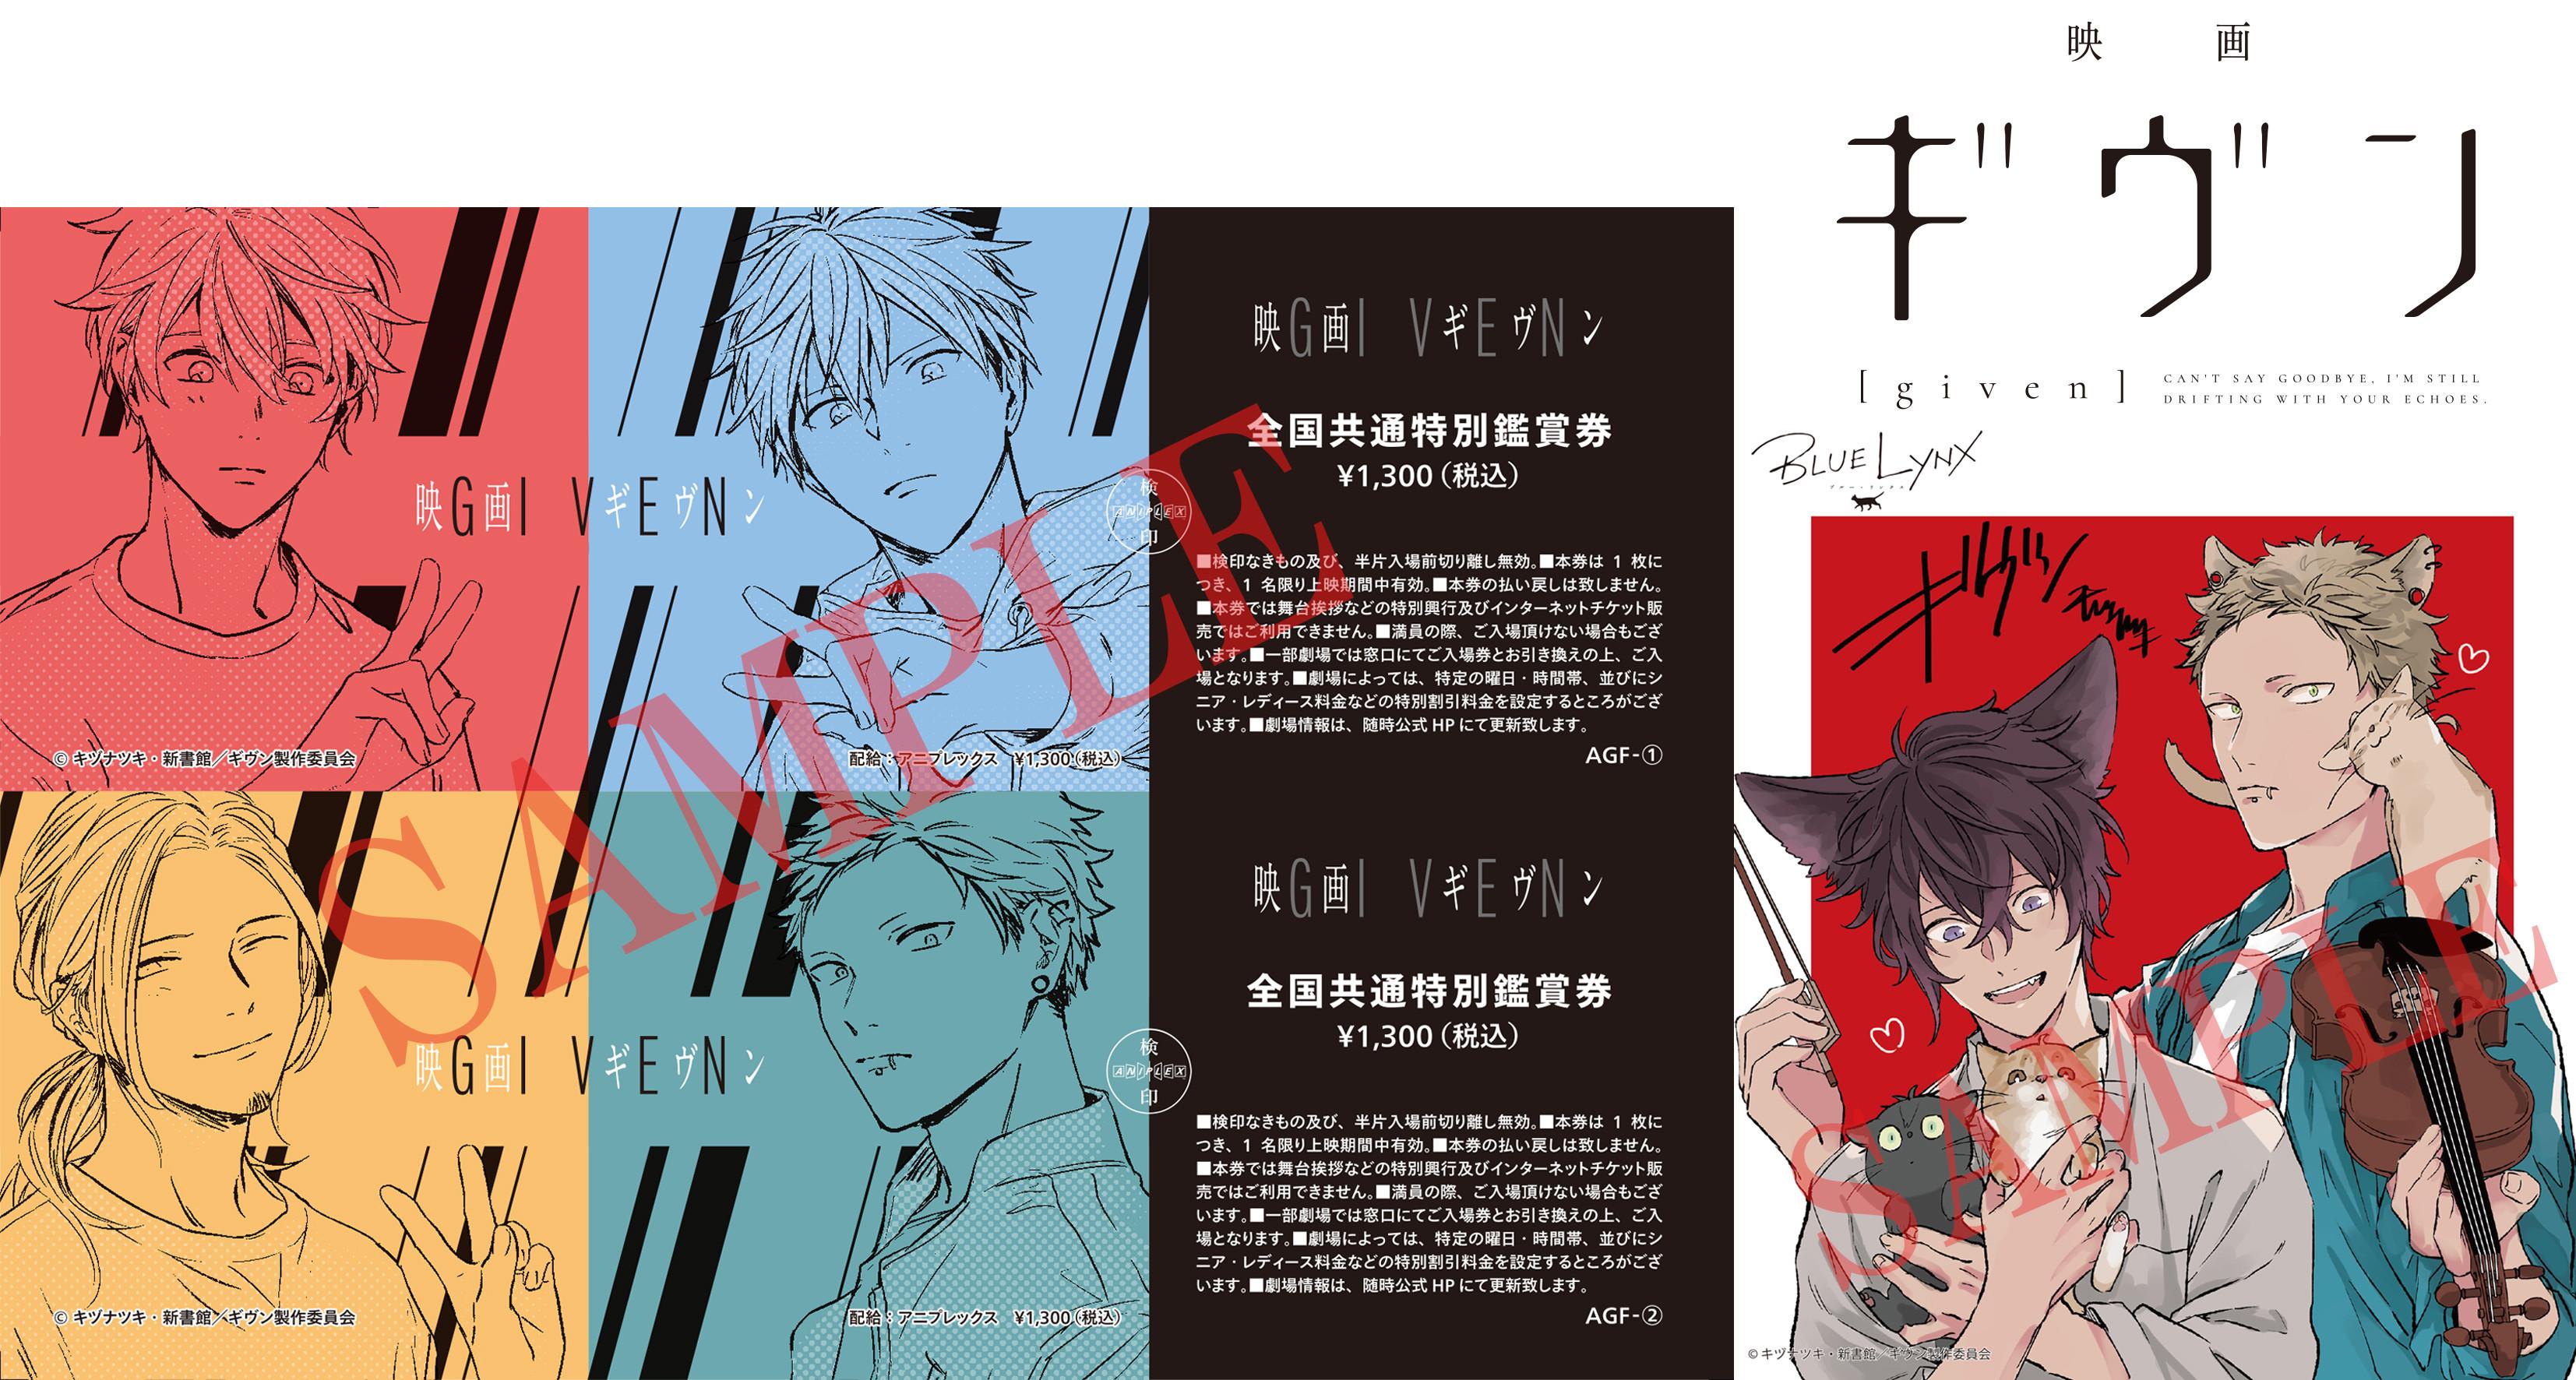 画像6_ギクン_券面_色紙_sample追加.jpg